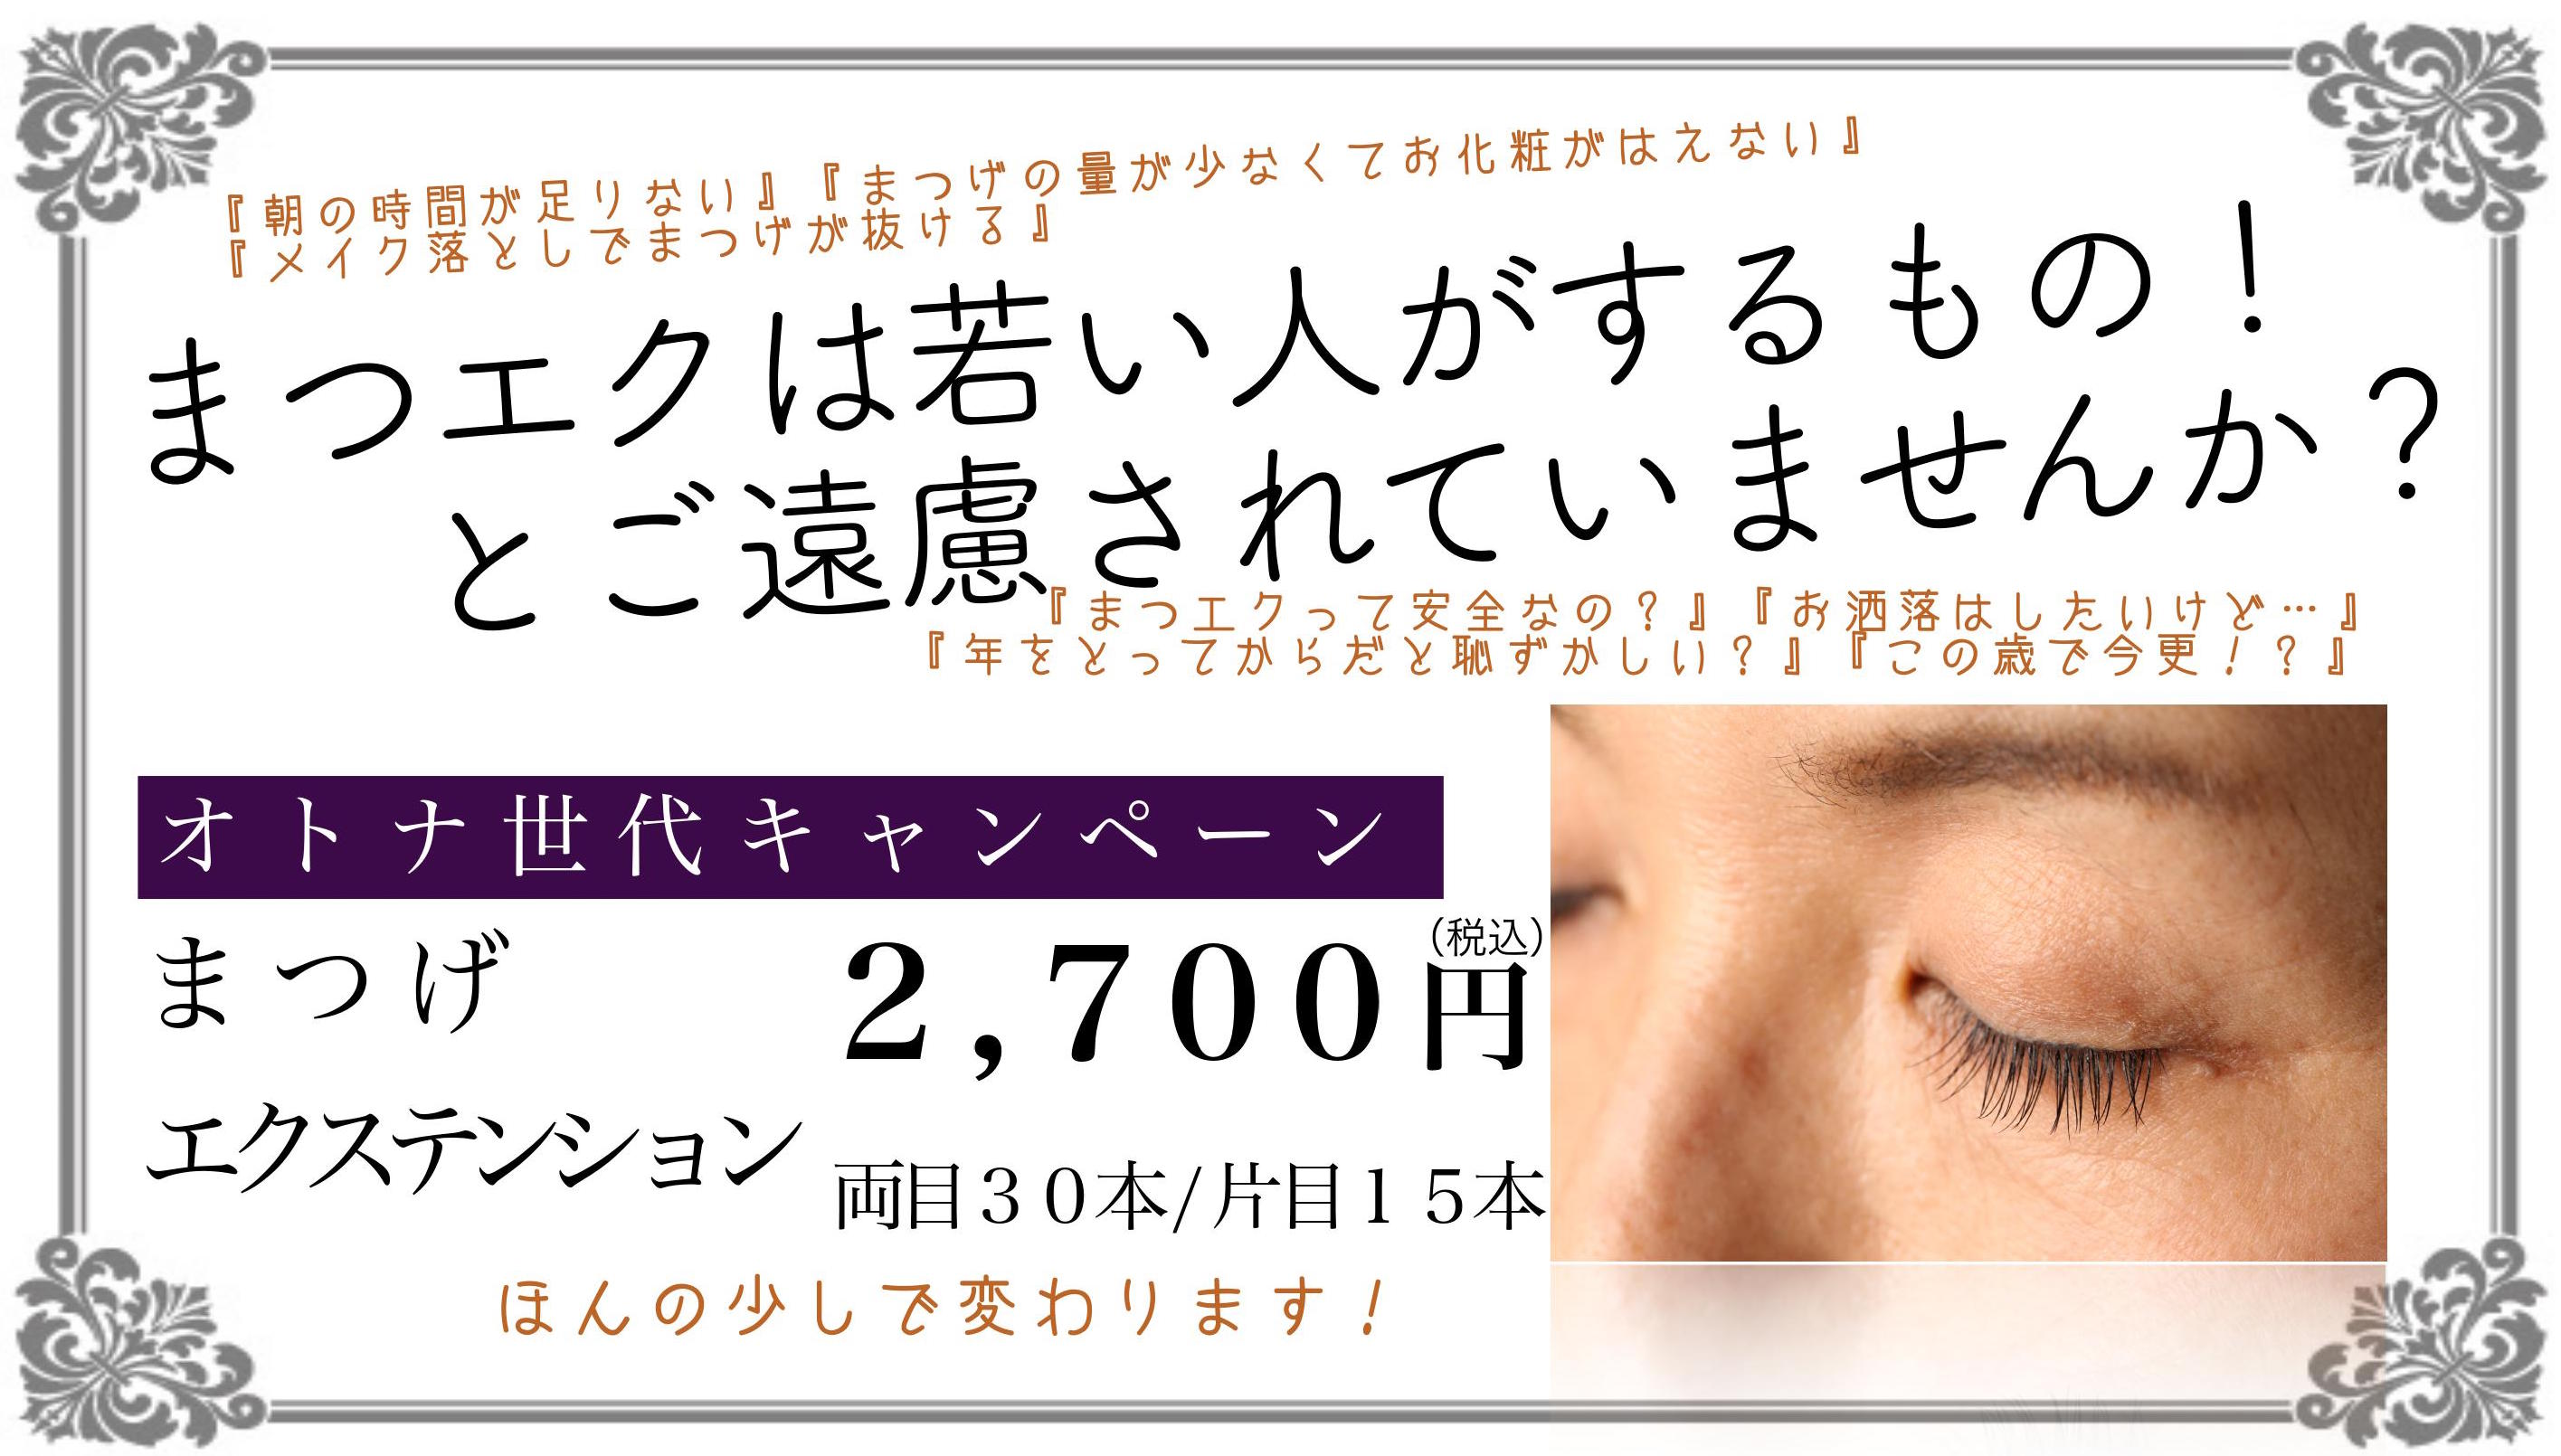 まつエク 大阪 大阪まつげ 美容サロン オトナ世代 キャンペーン